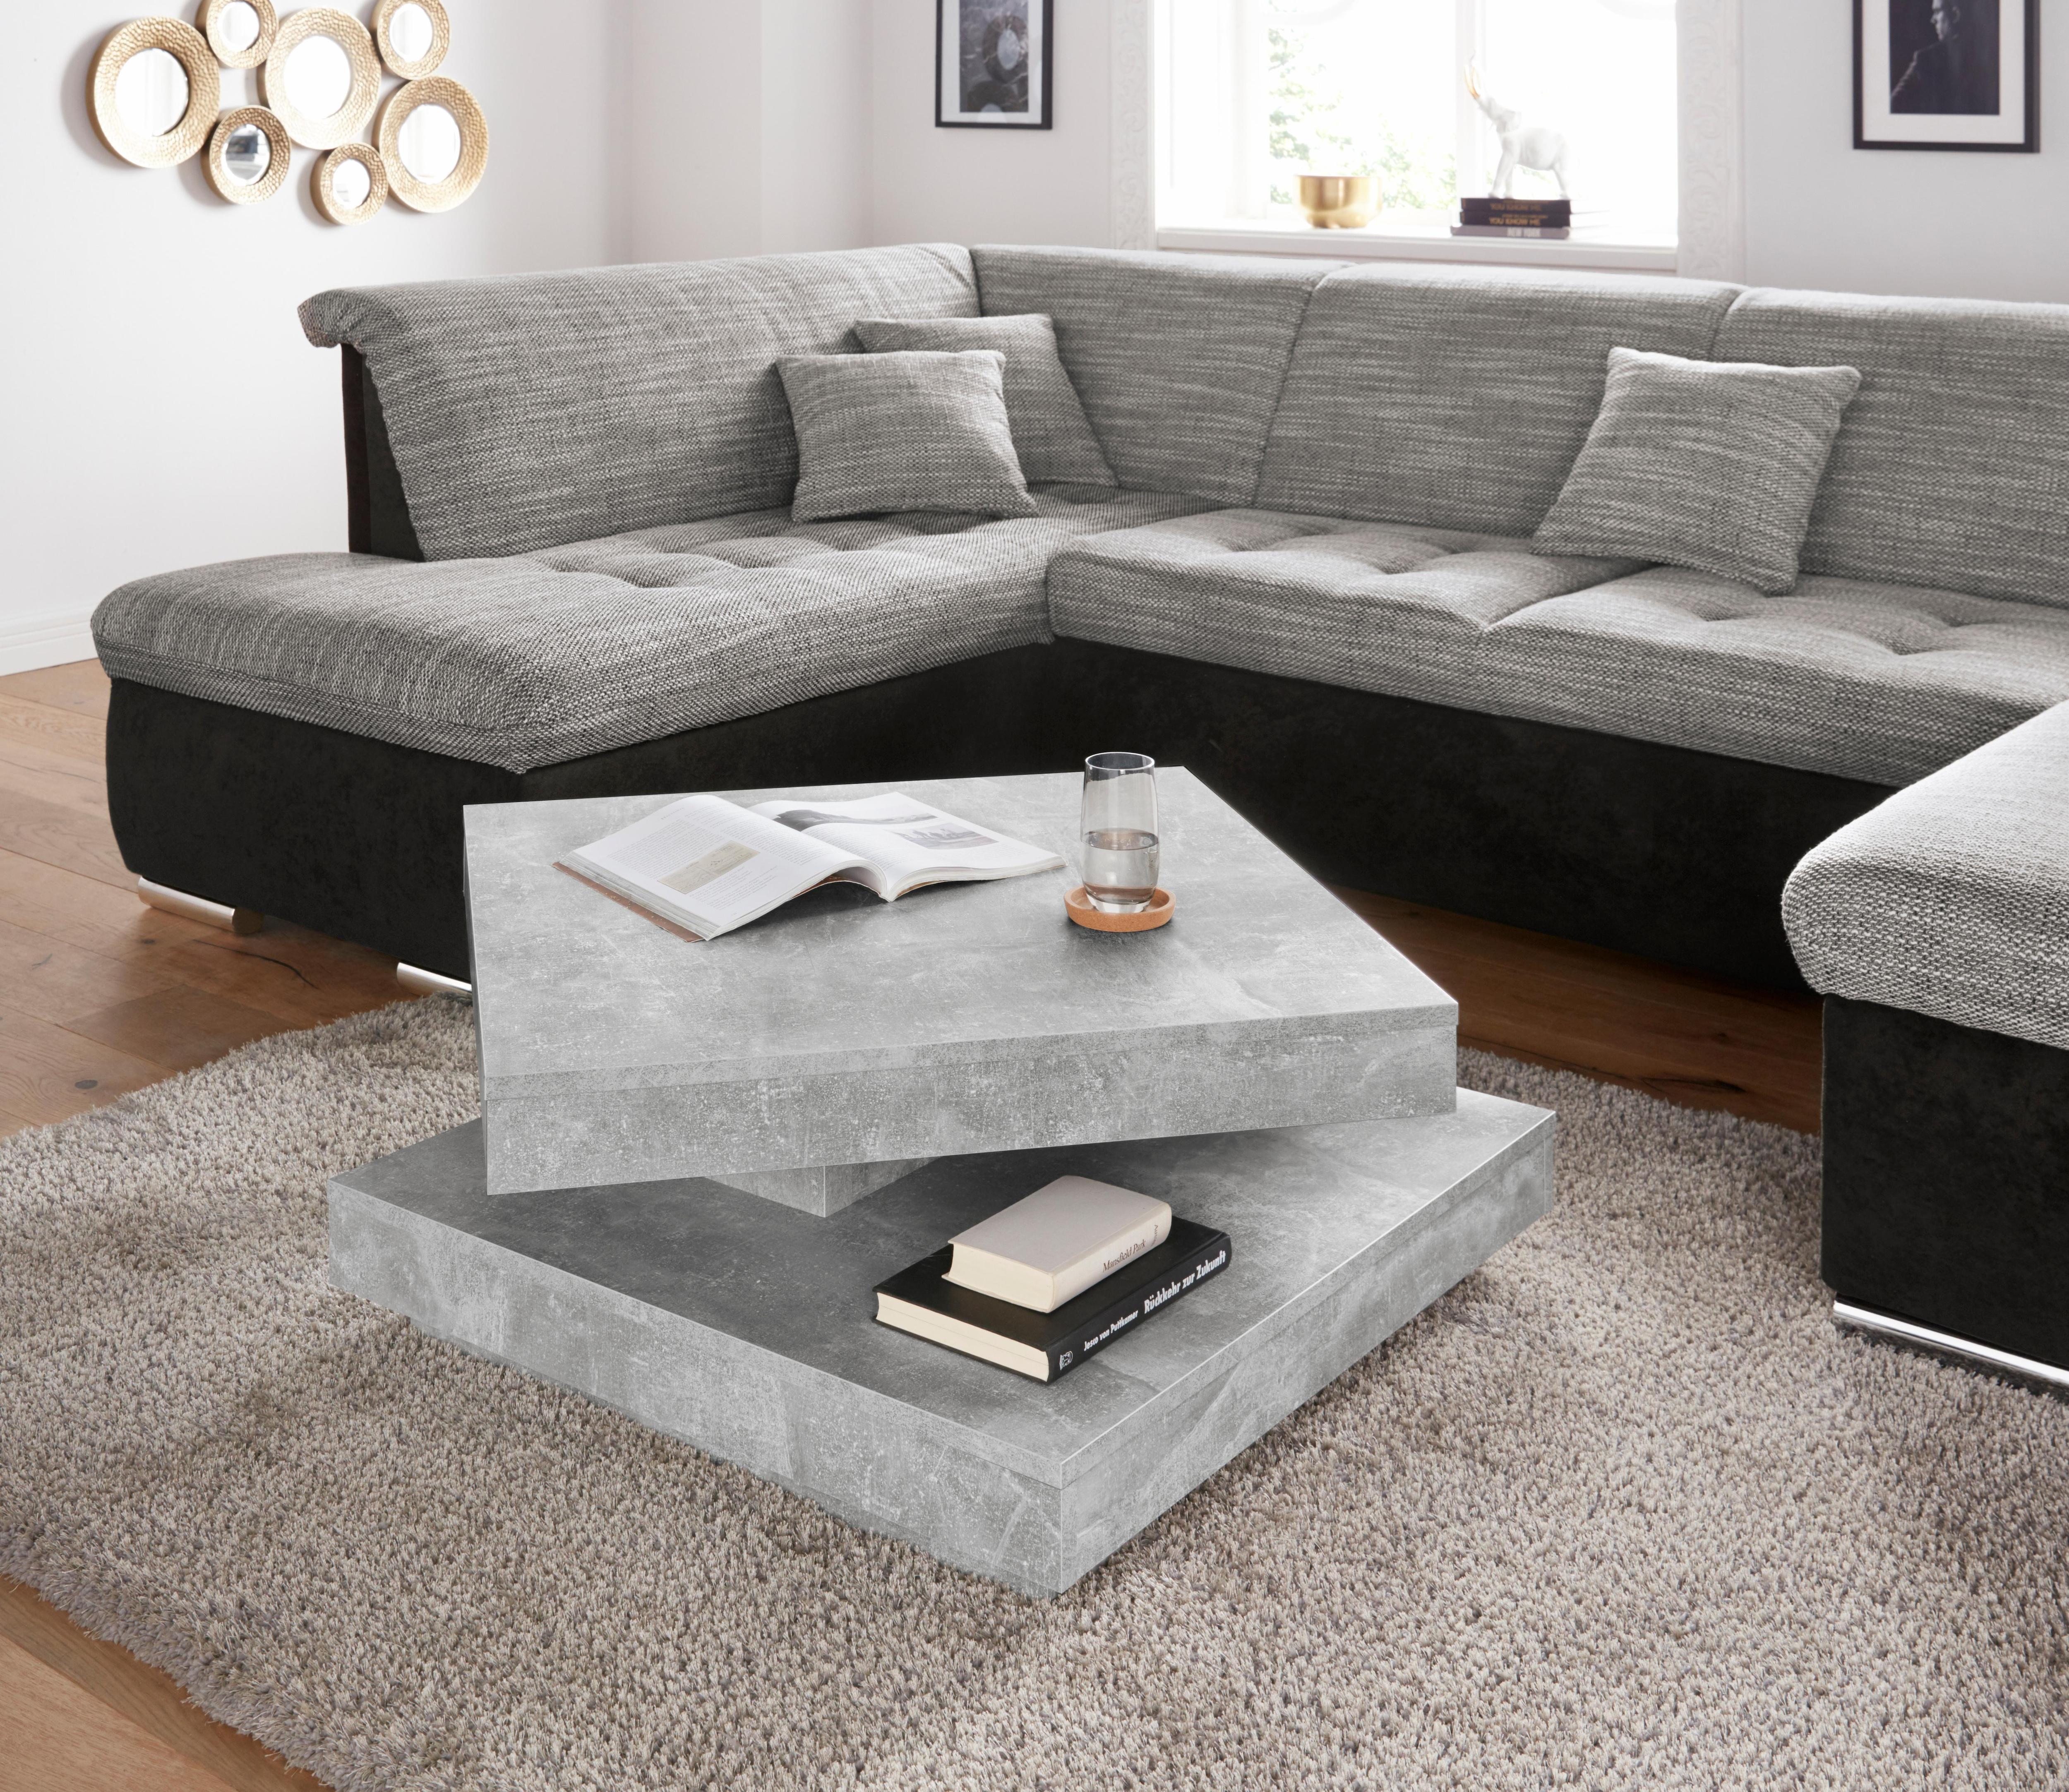 couchtische drehbar preisvergleich die besten angebote. Black Bedroom Furniture Sets. Home Design Ideas